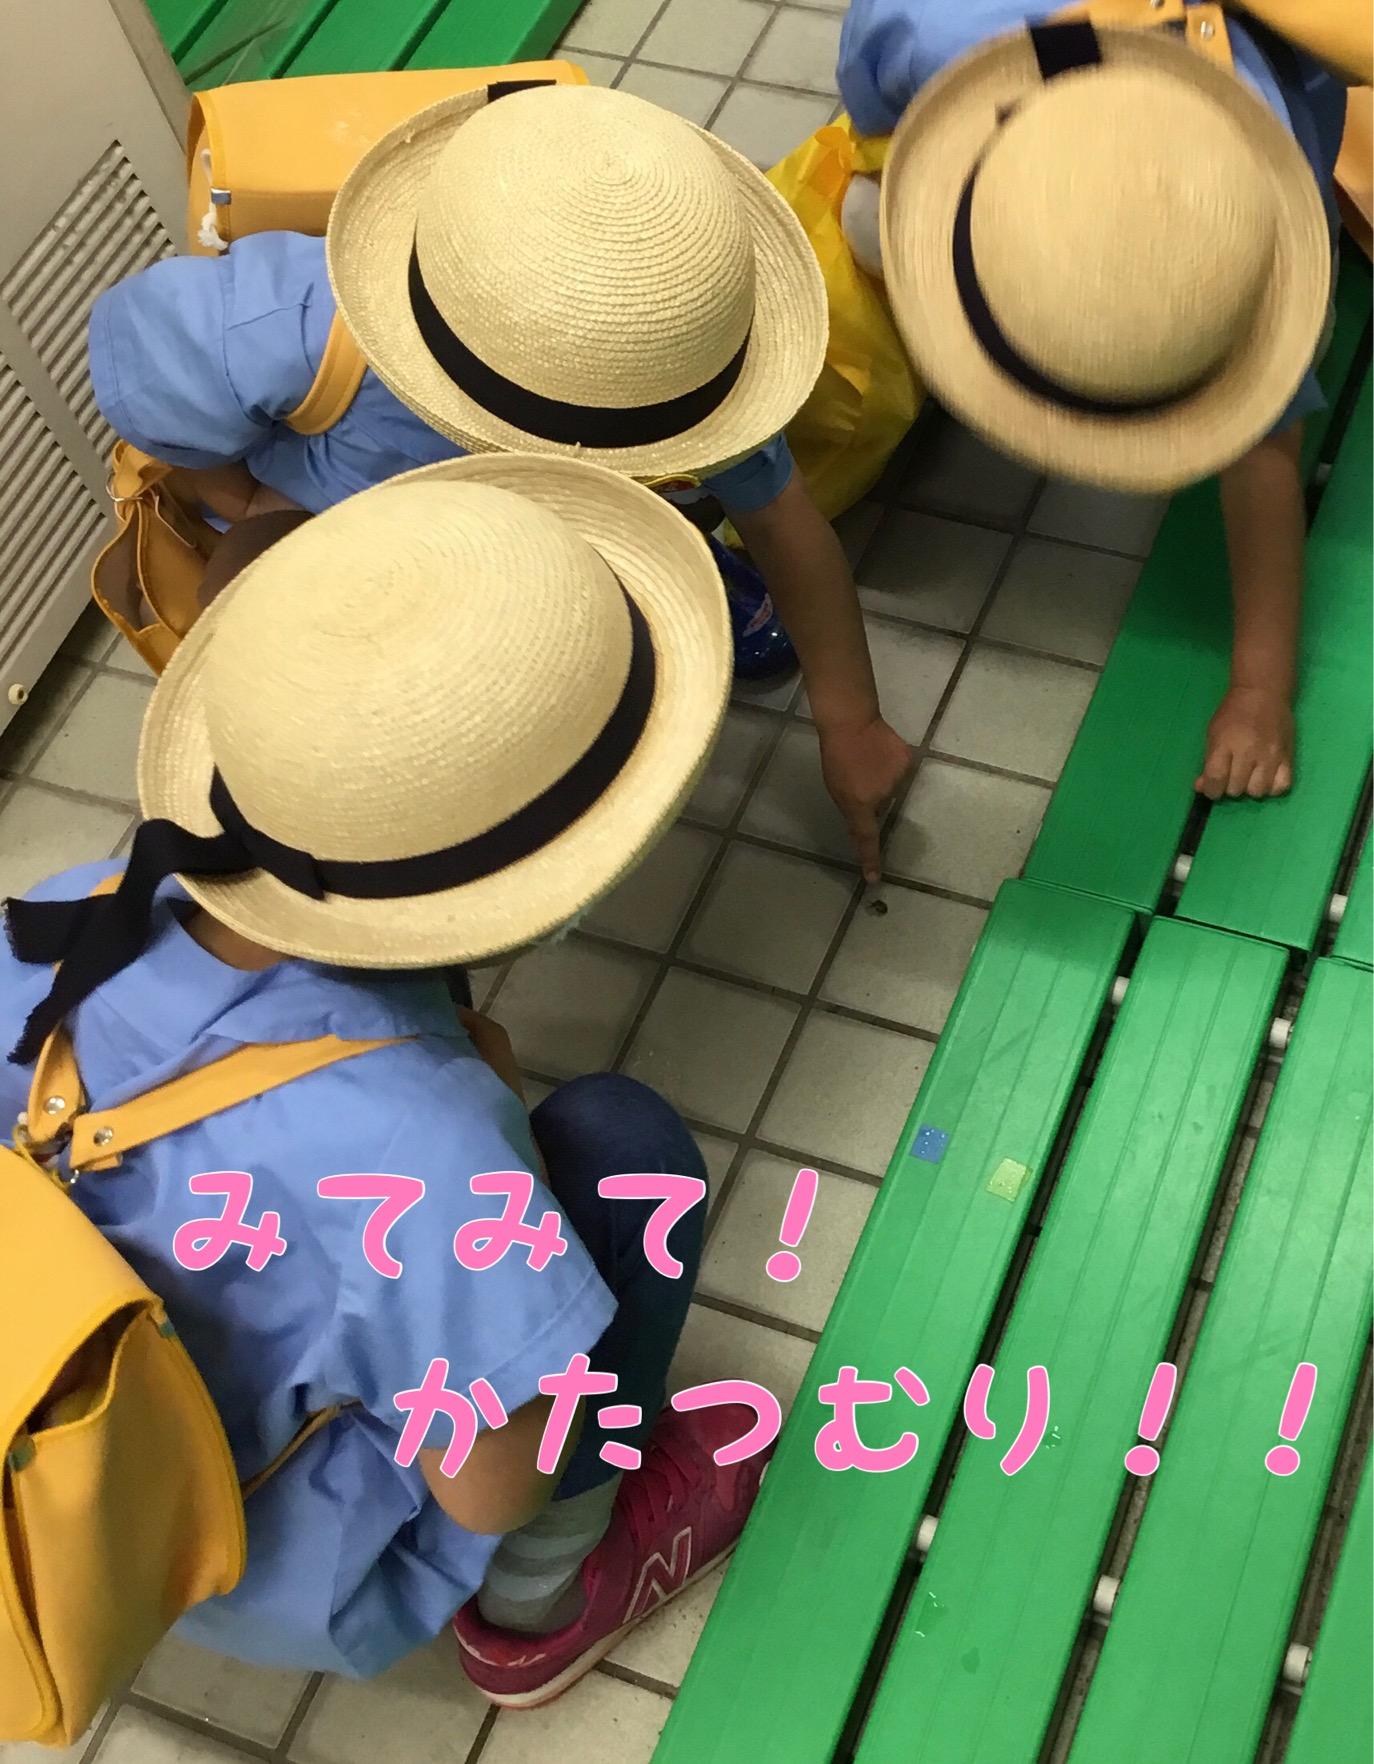 11E647D0-4A4D-42AF-9727-89D8CCAB2FDD